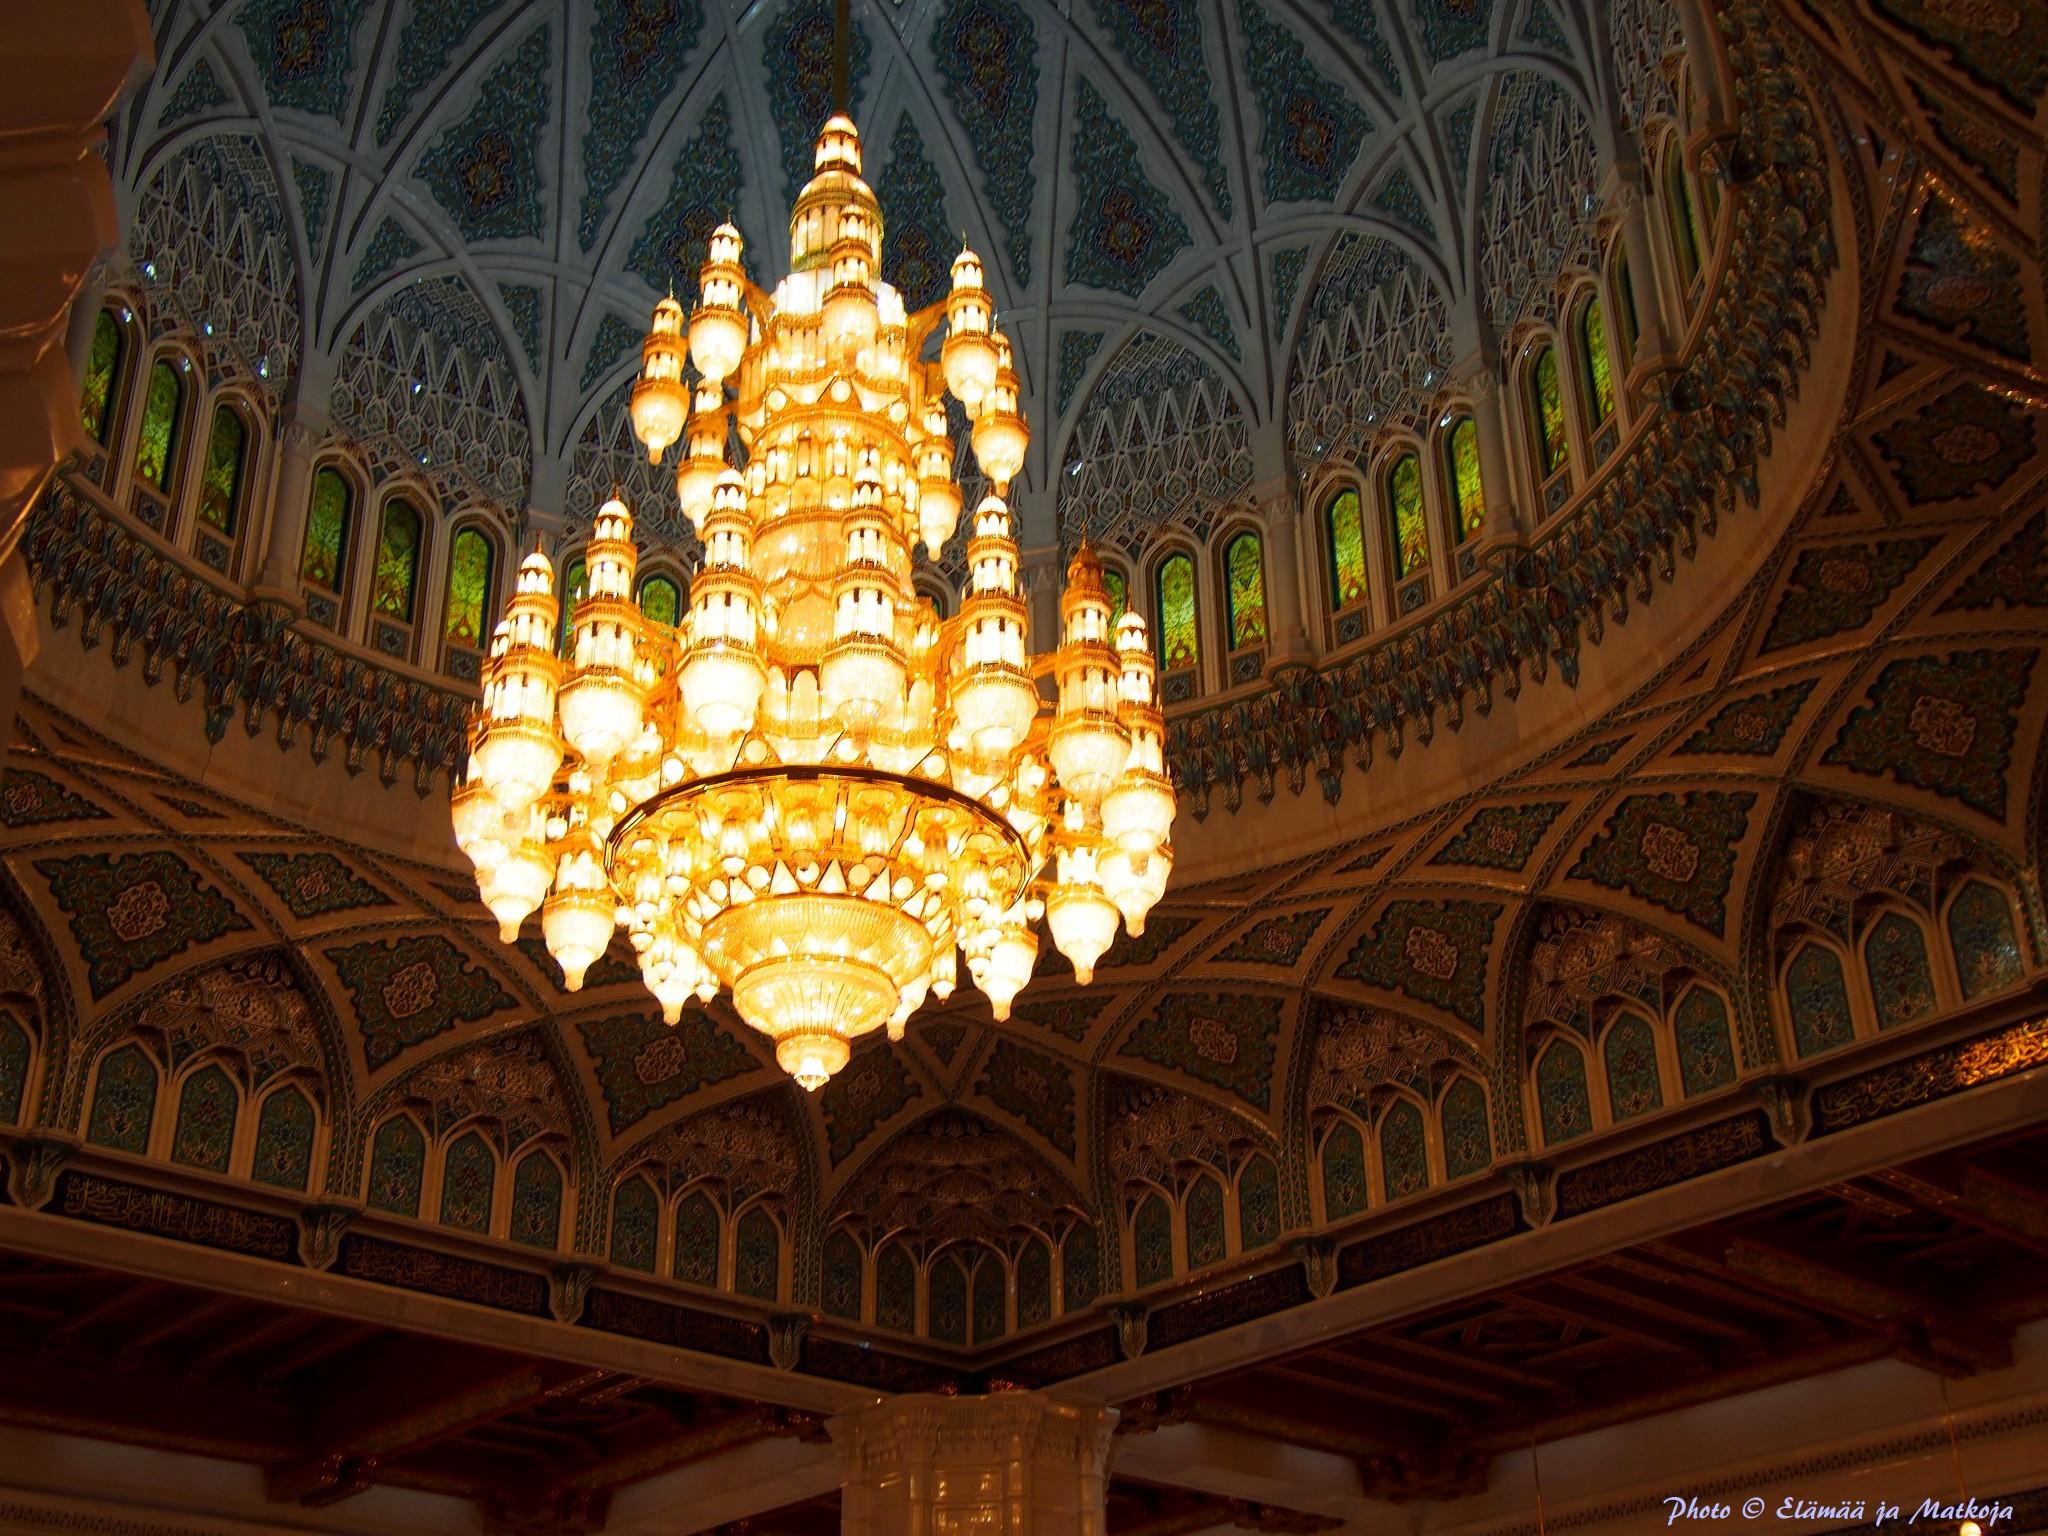 Oman Sultan Qaboos Grand Mosque 3 Photo © Elämää ja Matkoja